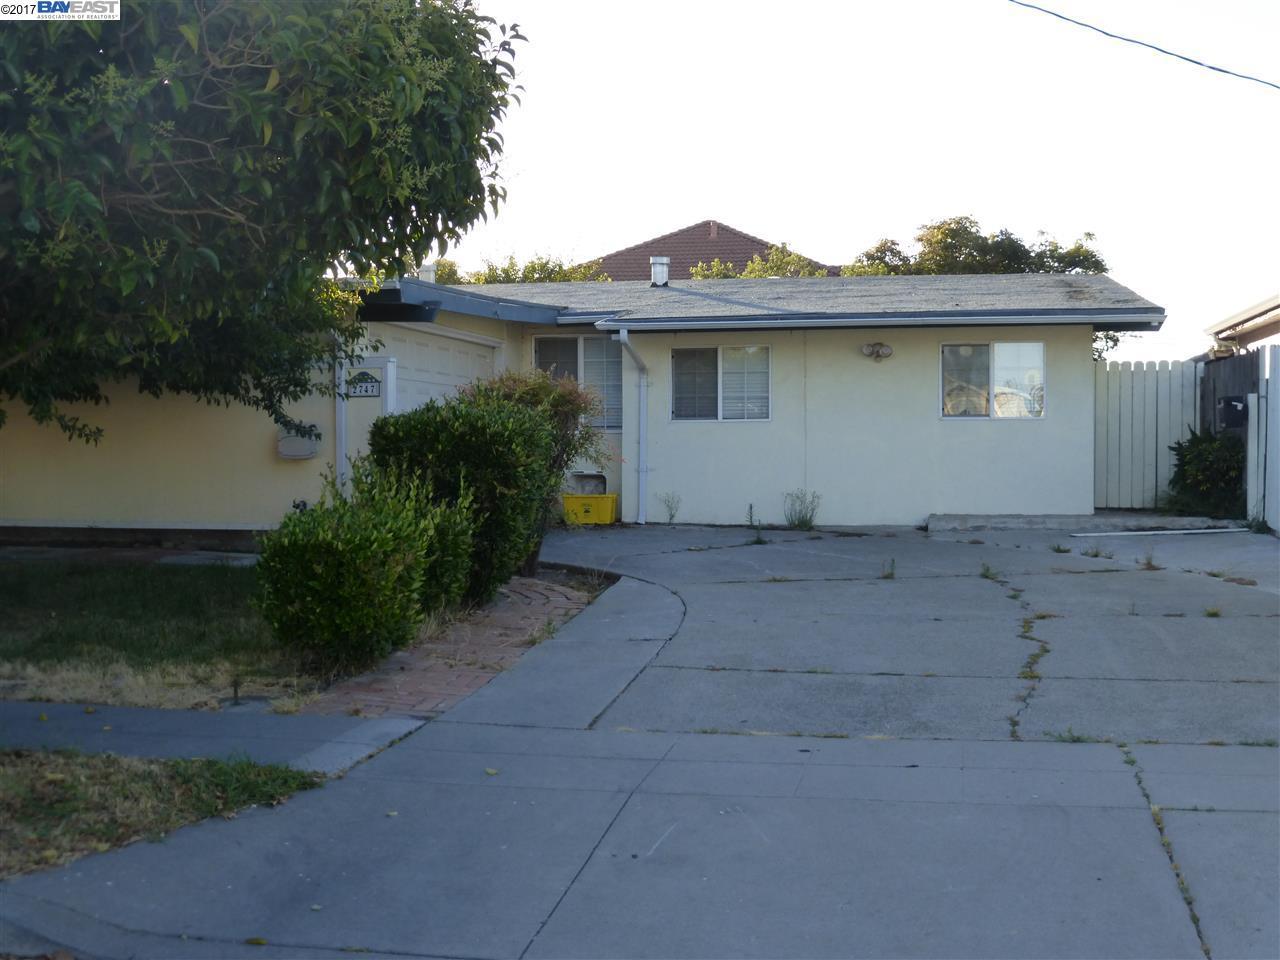 2747 Leeward St, HAYWARD, CA 94545